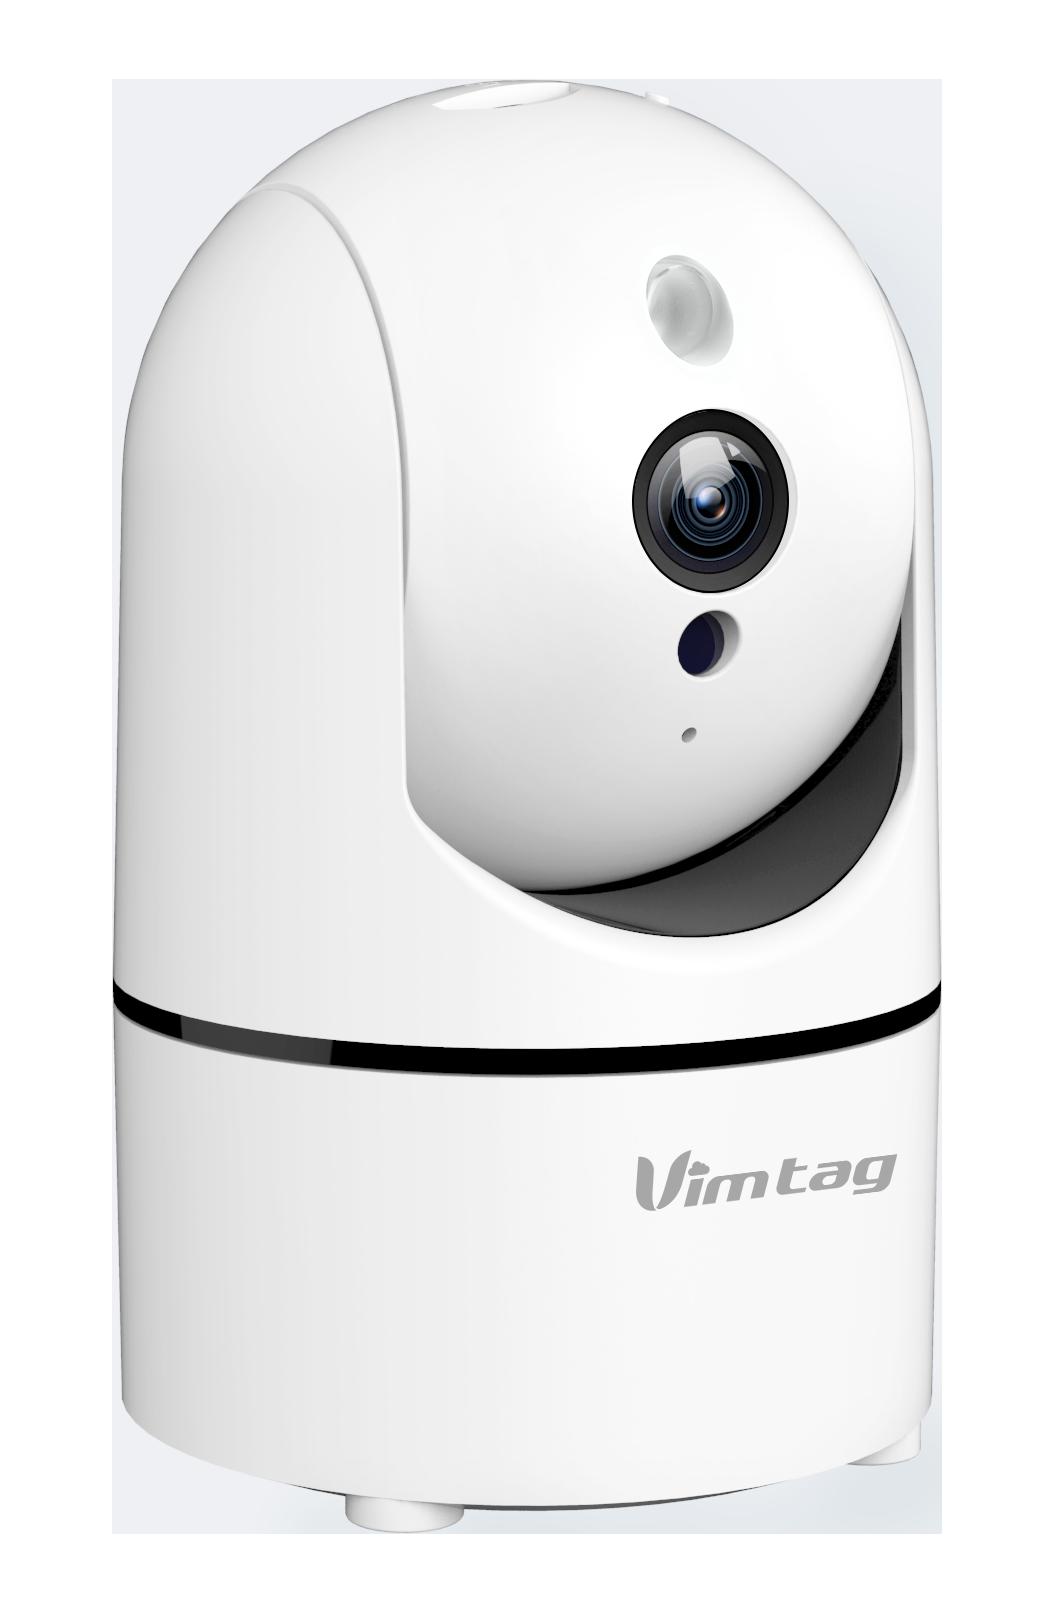 VimtagVT-839(2MP)